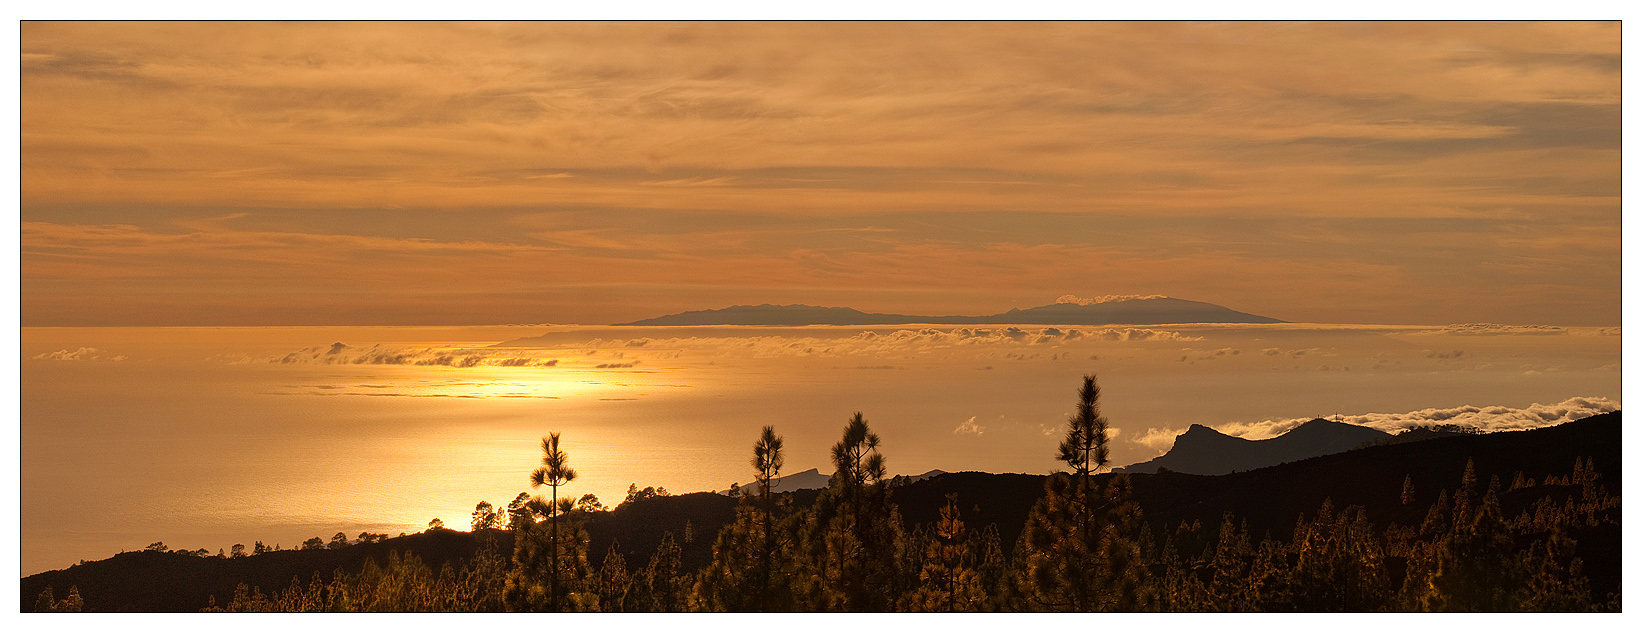 Тейде в настоящее время спит, последнее извержение произошло в 1909 году в северо-западной части. Небольшие извержения происходили в 1704 и 1705 годах на северо-восточном крыле вулкана. Извержение 1706 года уничтожило город и порт Гарачико и несколько небольших деревень. Последнее извержение в кальдере Лас-Каниадас произошло в 1798 году в западной части Пико Виехо.